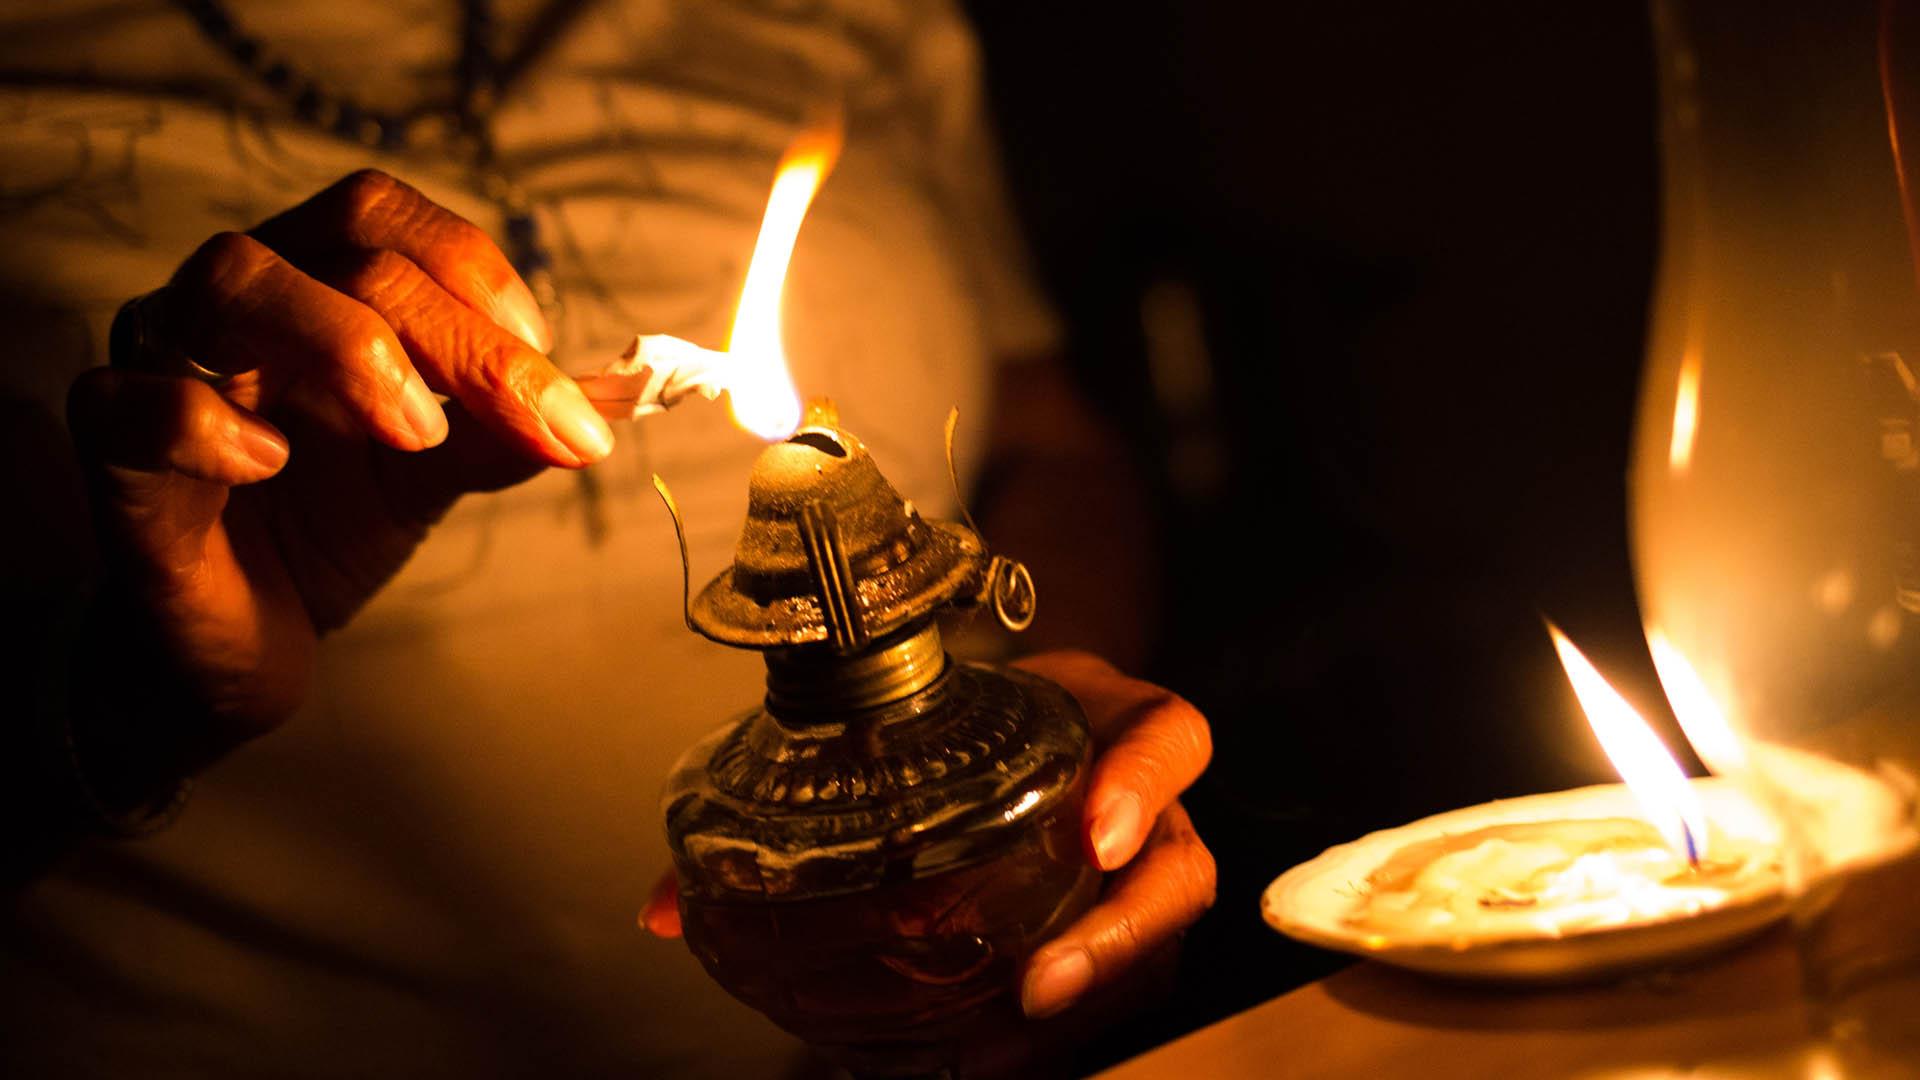 Cientos de venezolanos pasan las noches con velas encendidas ante el apagón masivo que los afecta desde hace tres días. Foto de AFP / Cristian Hernández